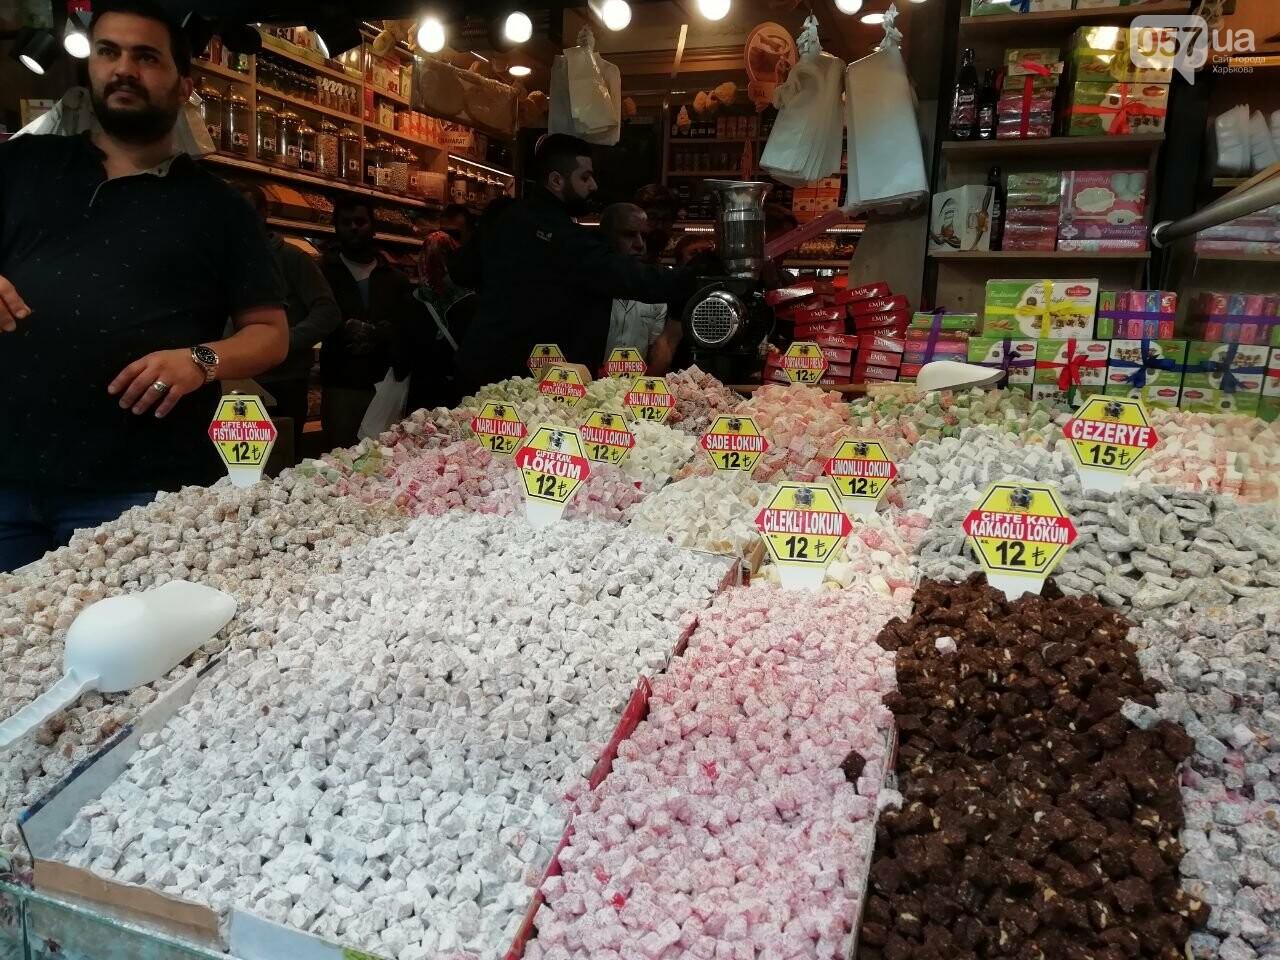 Из Харькова в Стамбул. Как добраться, что попробовать и на что посмотреть в турецком городе, - ФОТО, фото-32